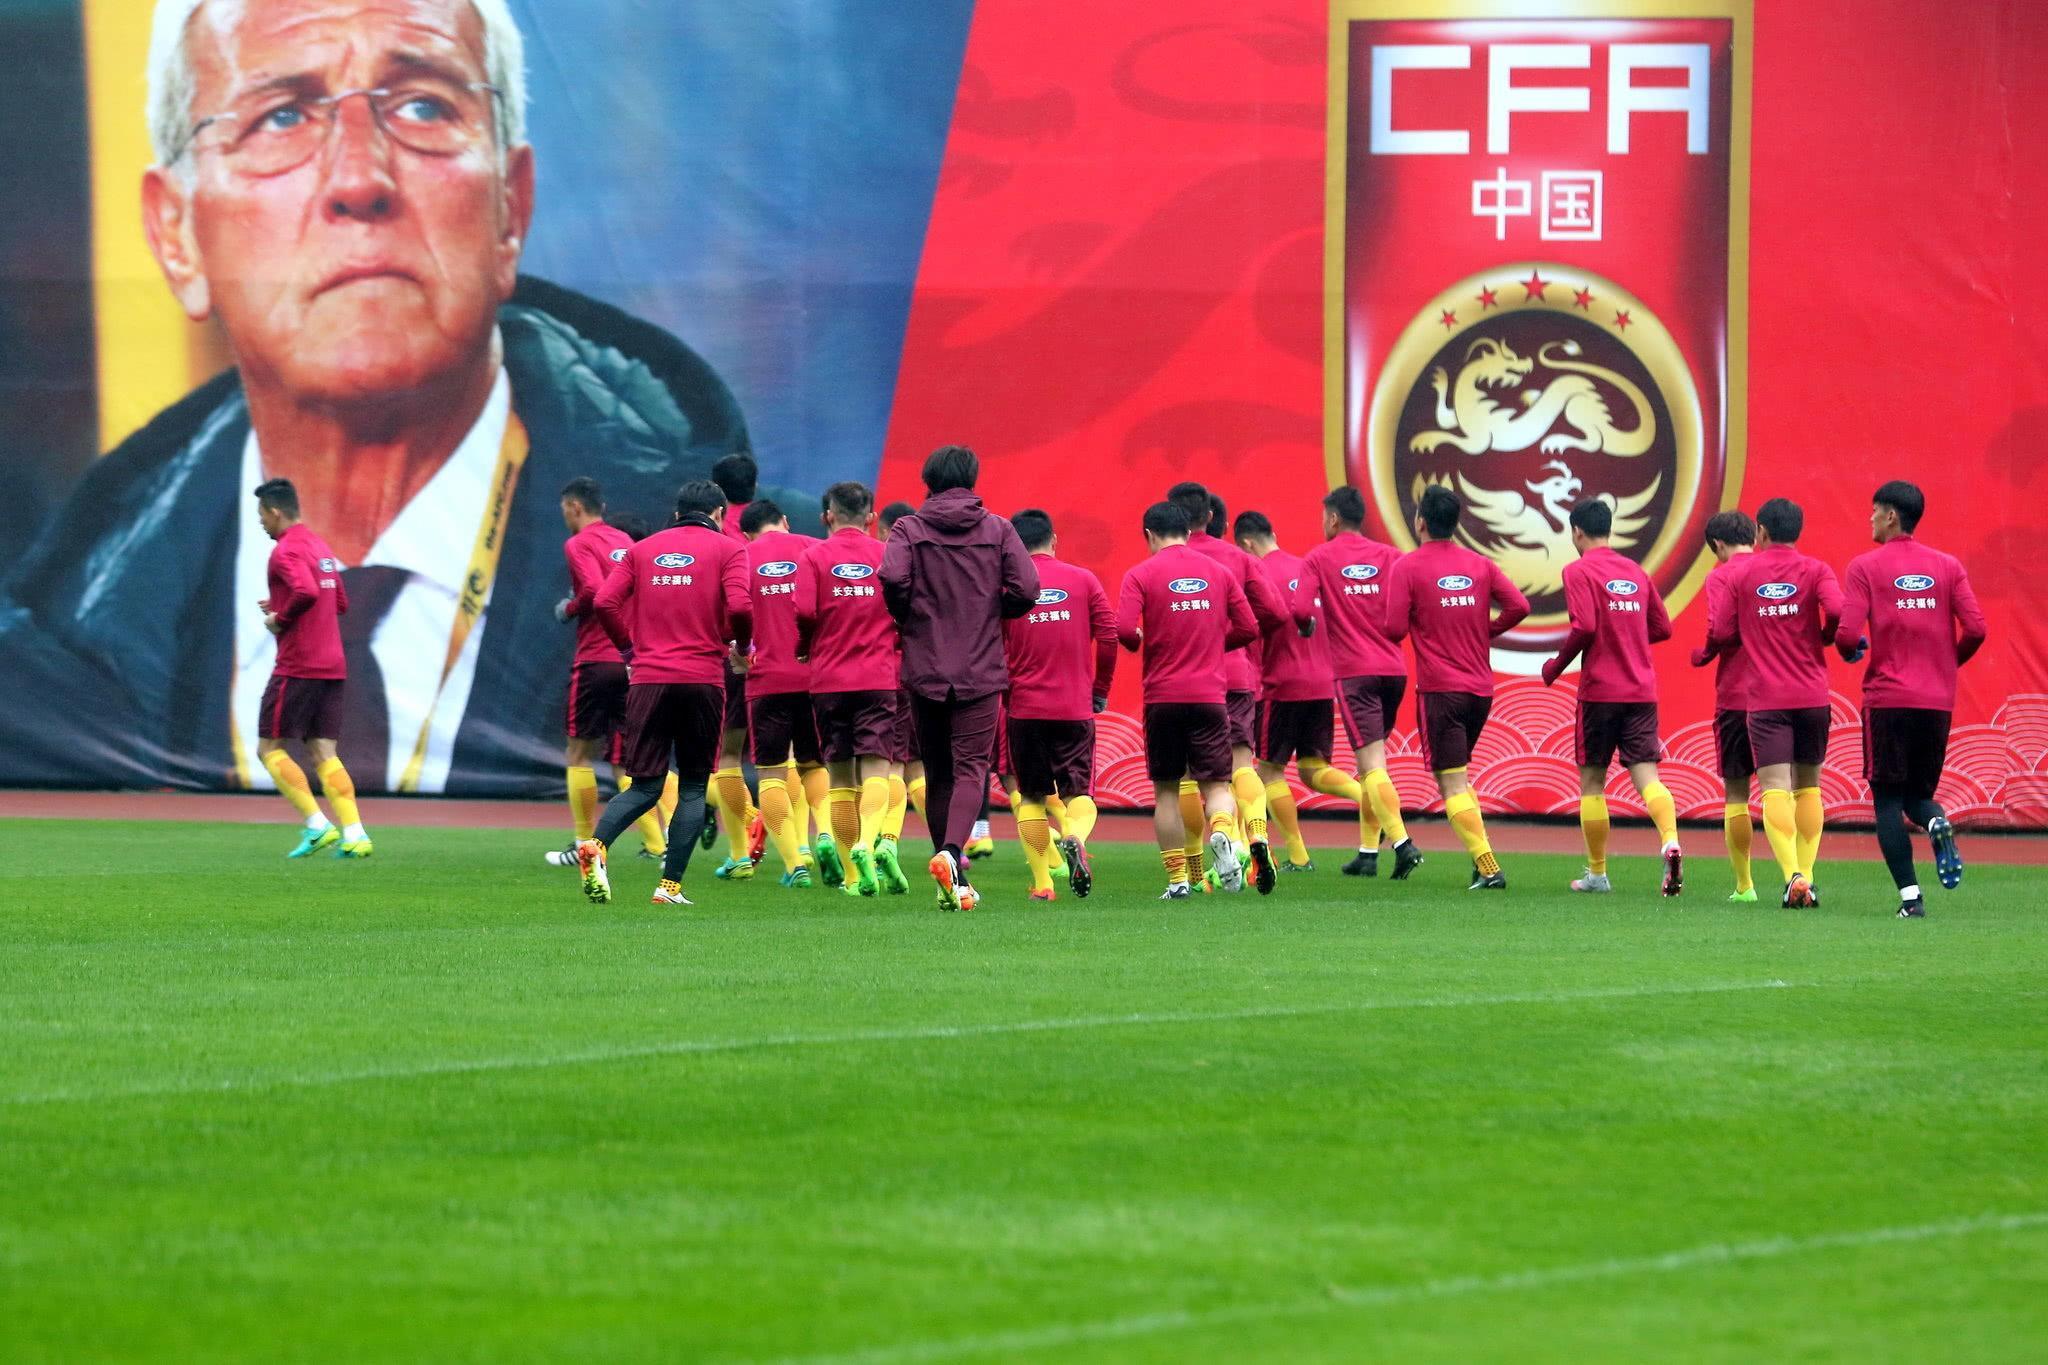 足球报:距40强赛不到一个月,国足准备工作有条不紊